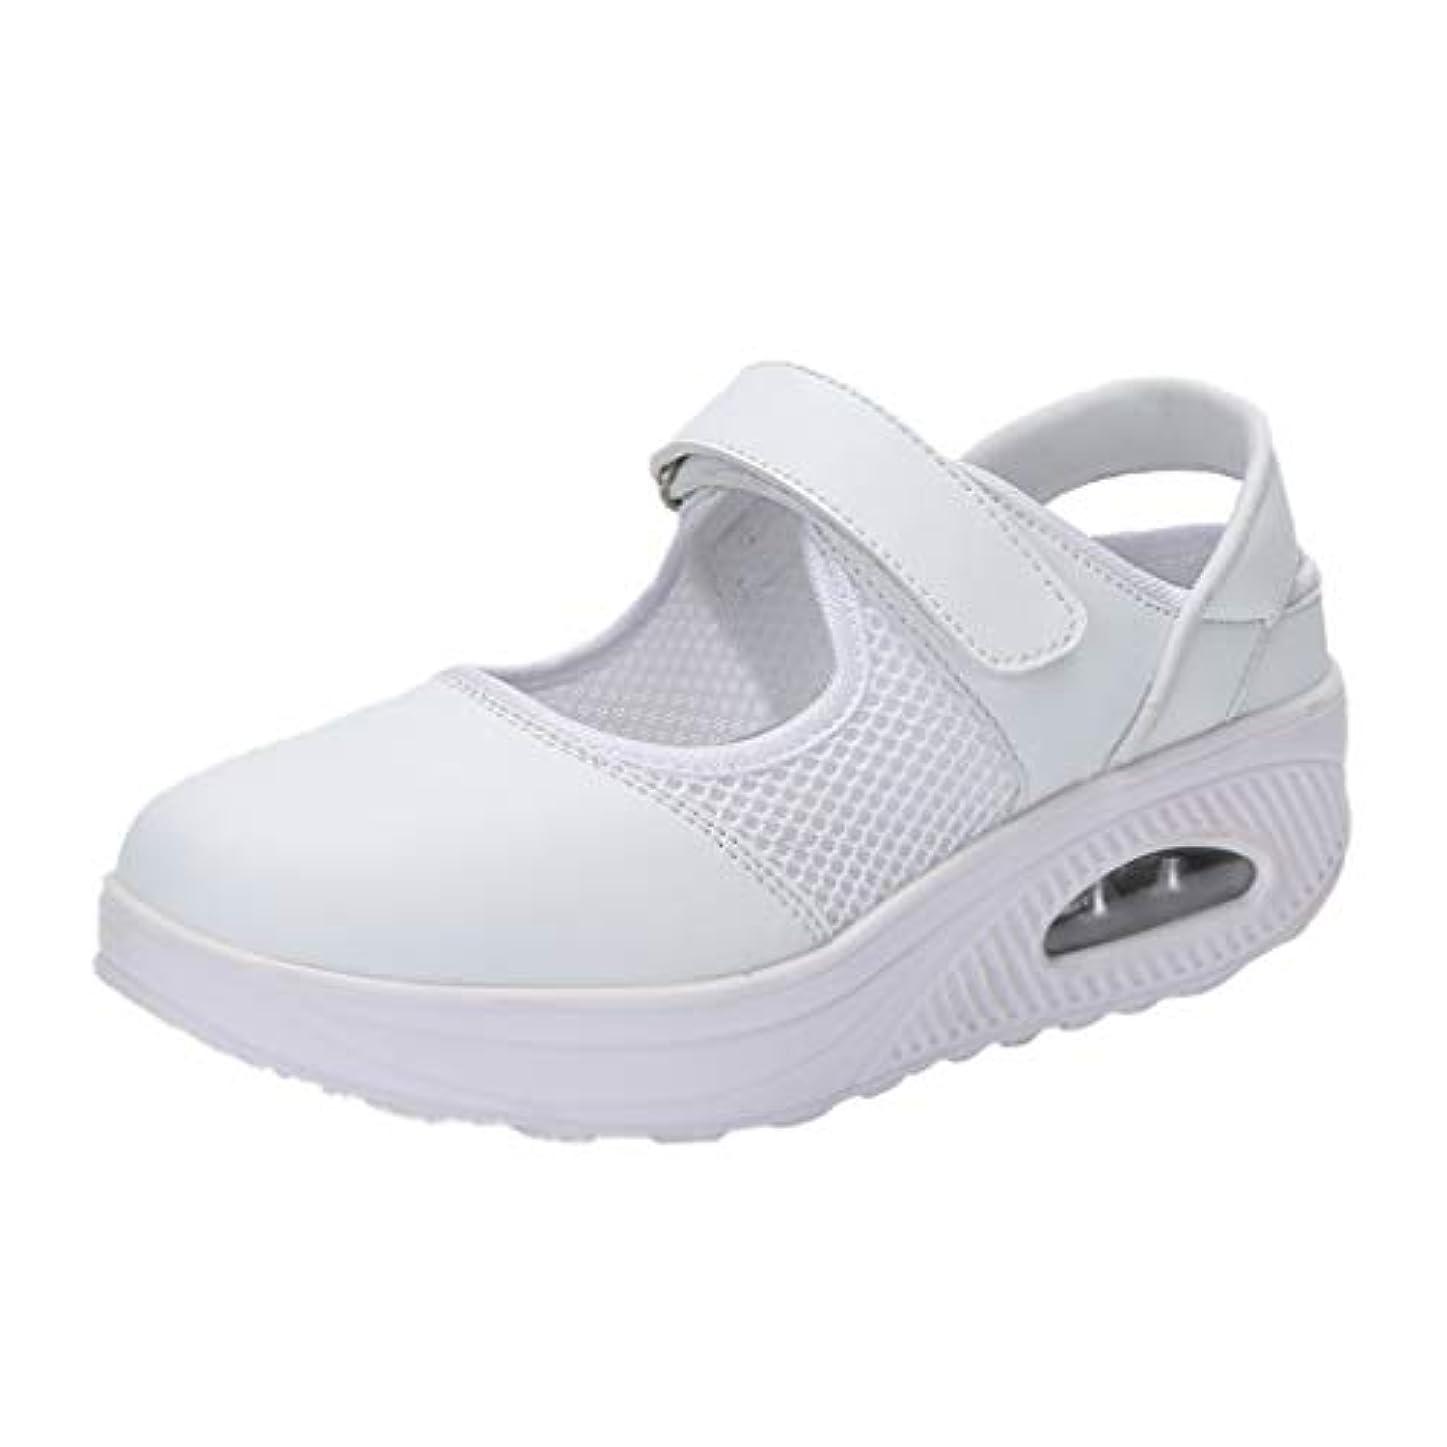 避けられないにじみ出るハイライトナースシューズ liqiuxiang お母さん 婦人靴 スボーツスニーカー ウォーキングシューズ 看護師 作業靴 軽量 マジックタイプ スニーカーサンダル ケアセフティ レディース